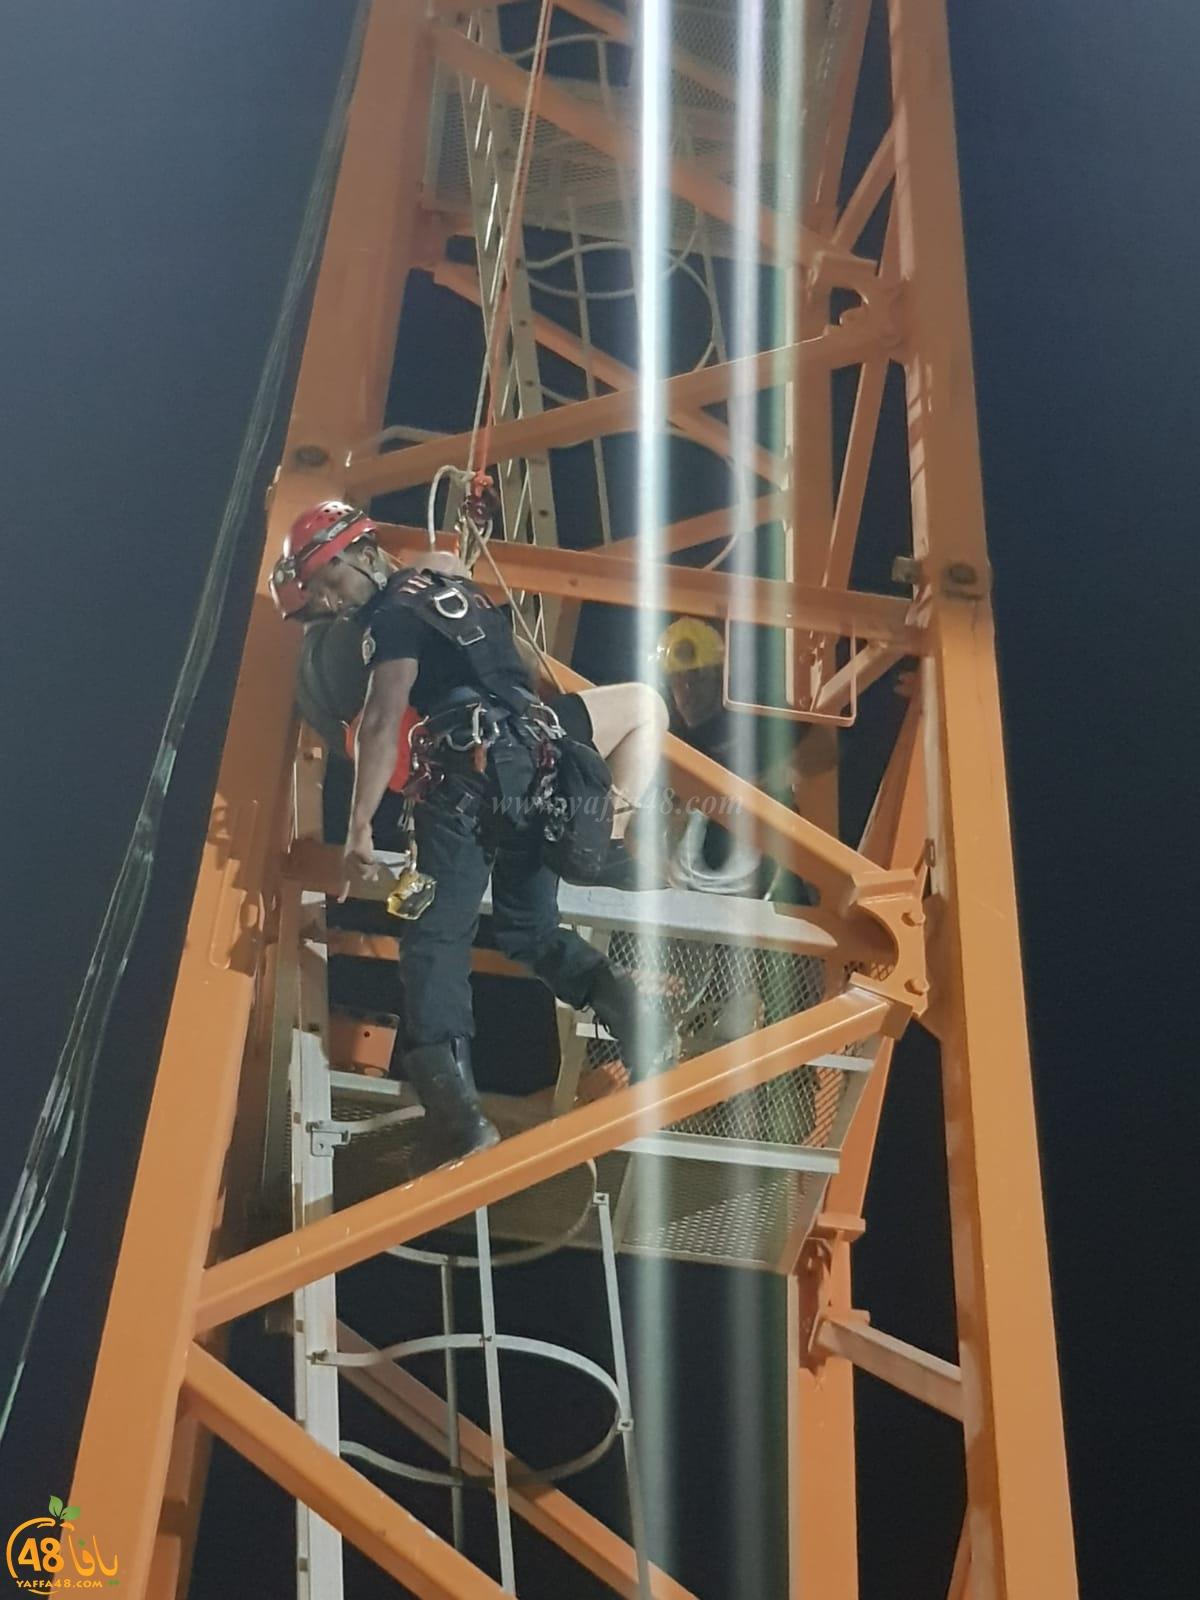 محاولات لتخليص عامل علق برافعة على ارتفاع 60 مترًا قرب الرملة